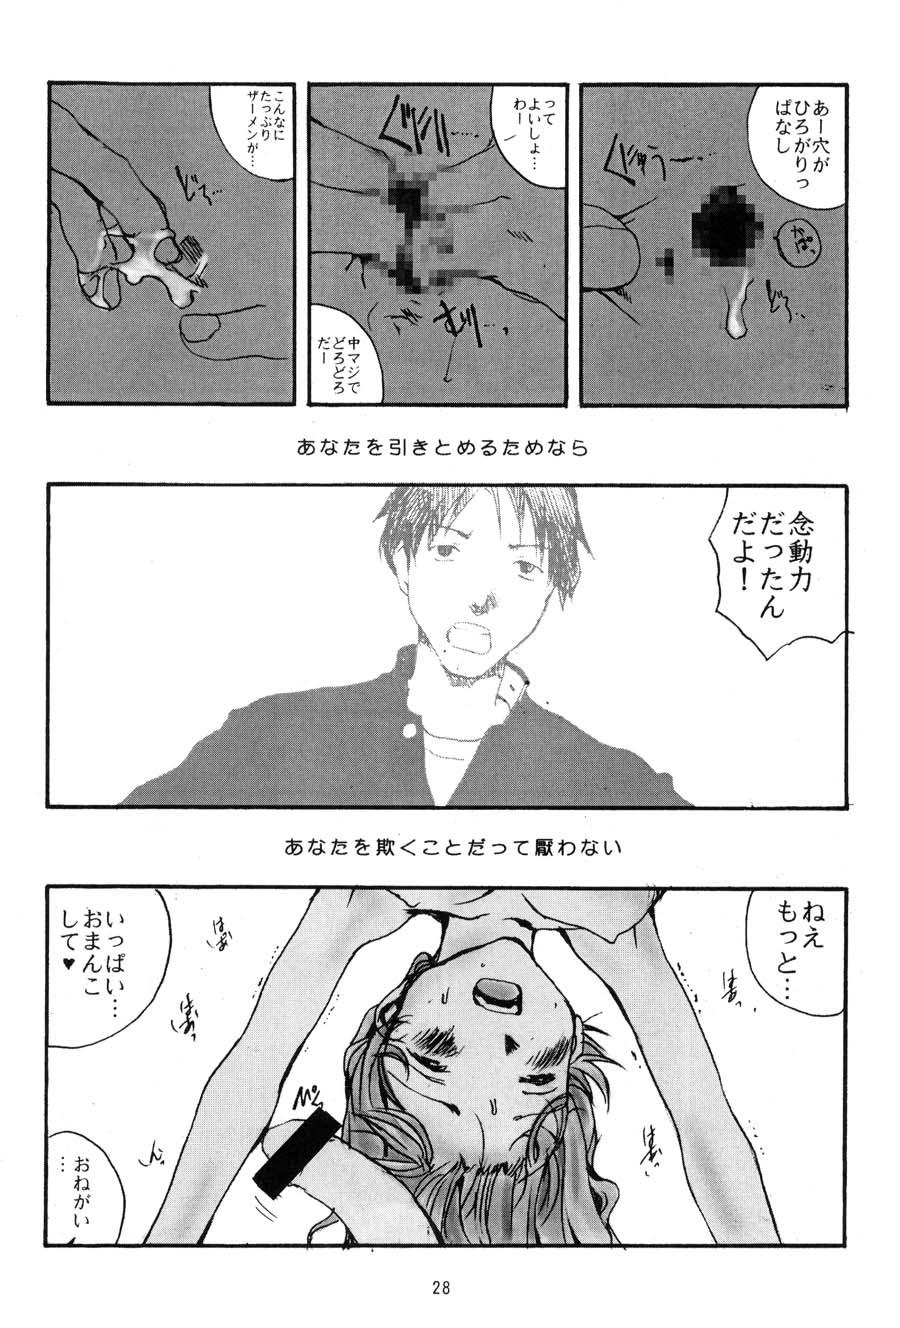 Toshiyori no Hiyamizz 26